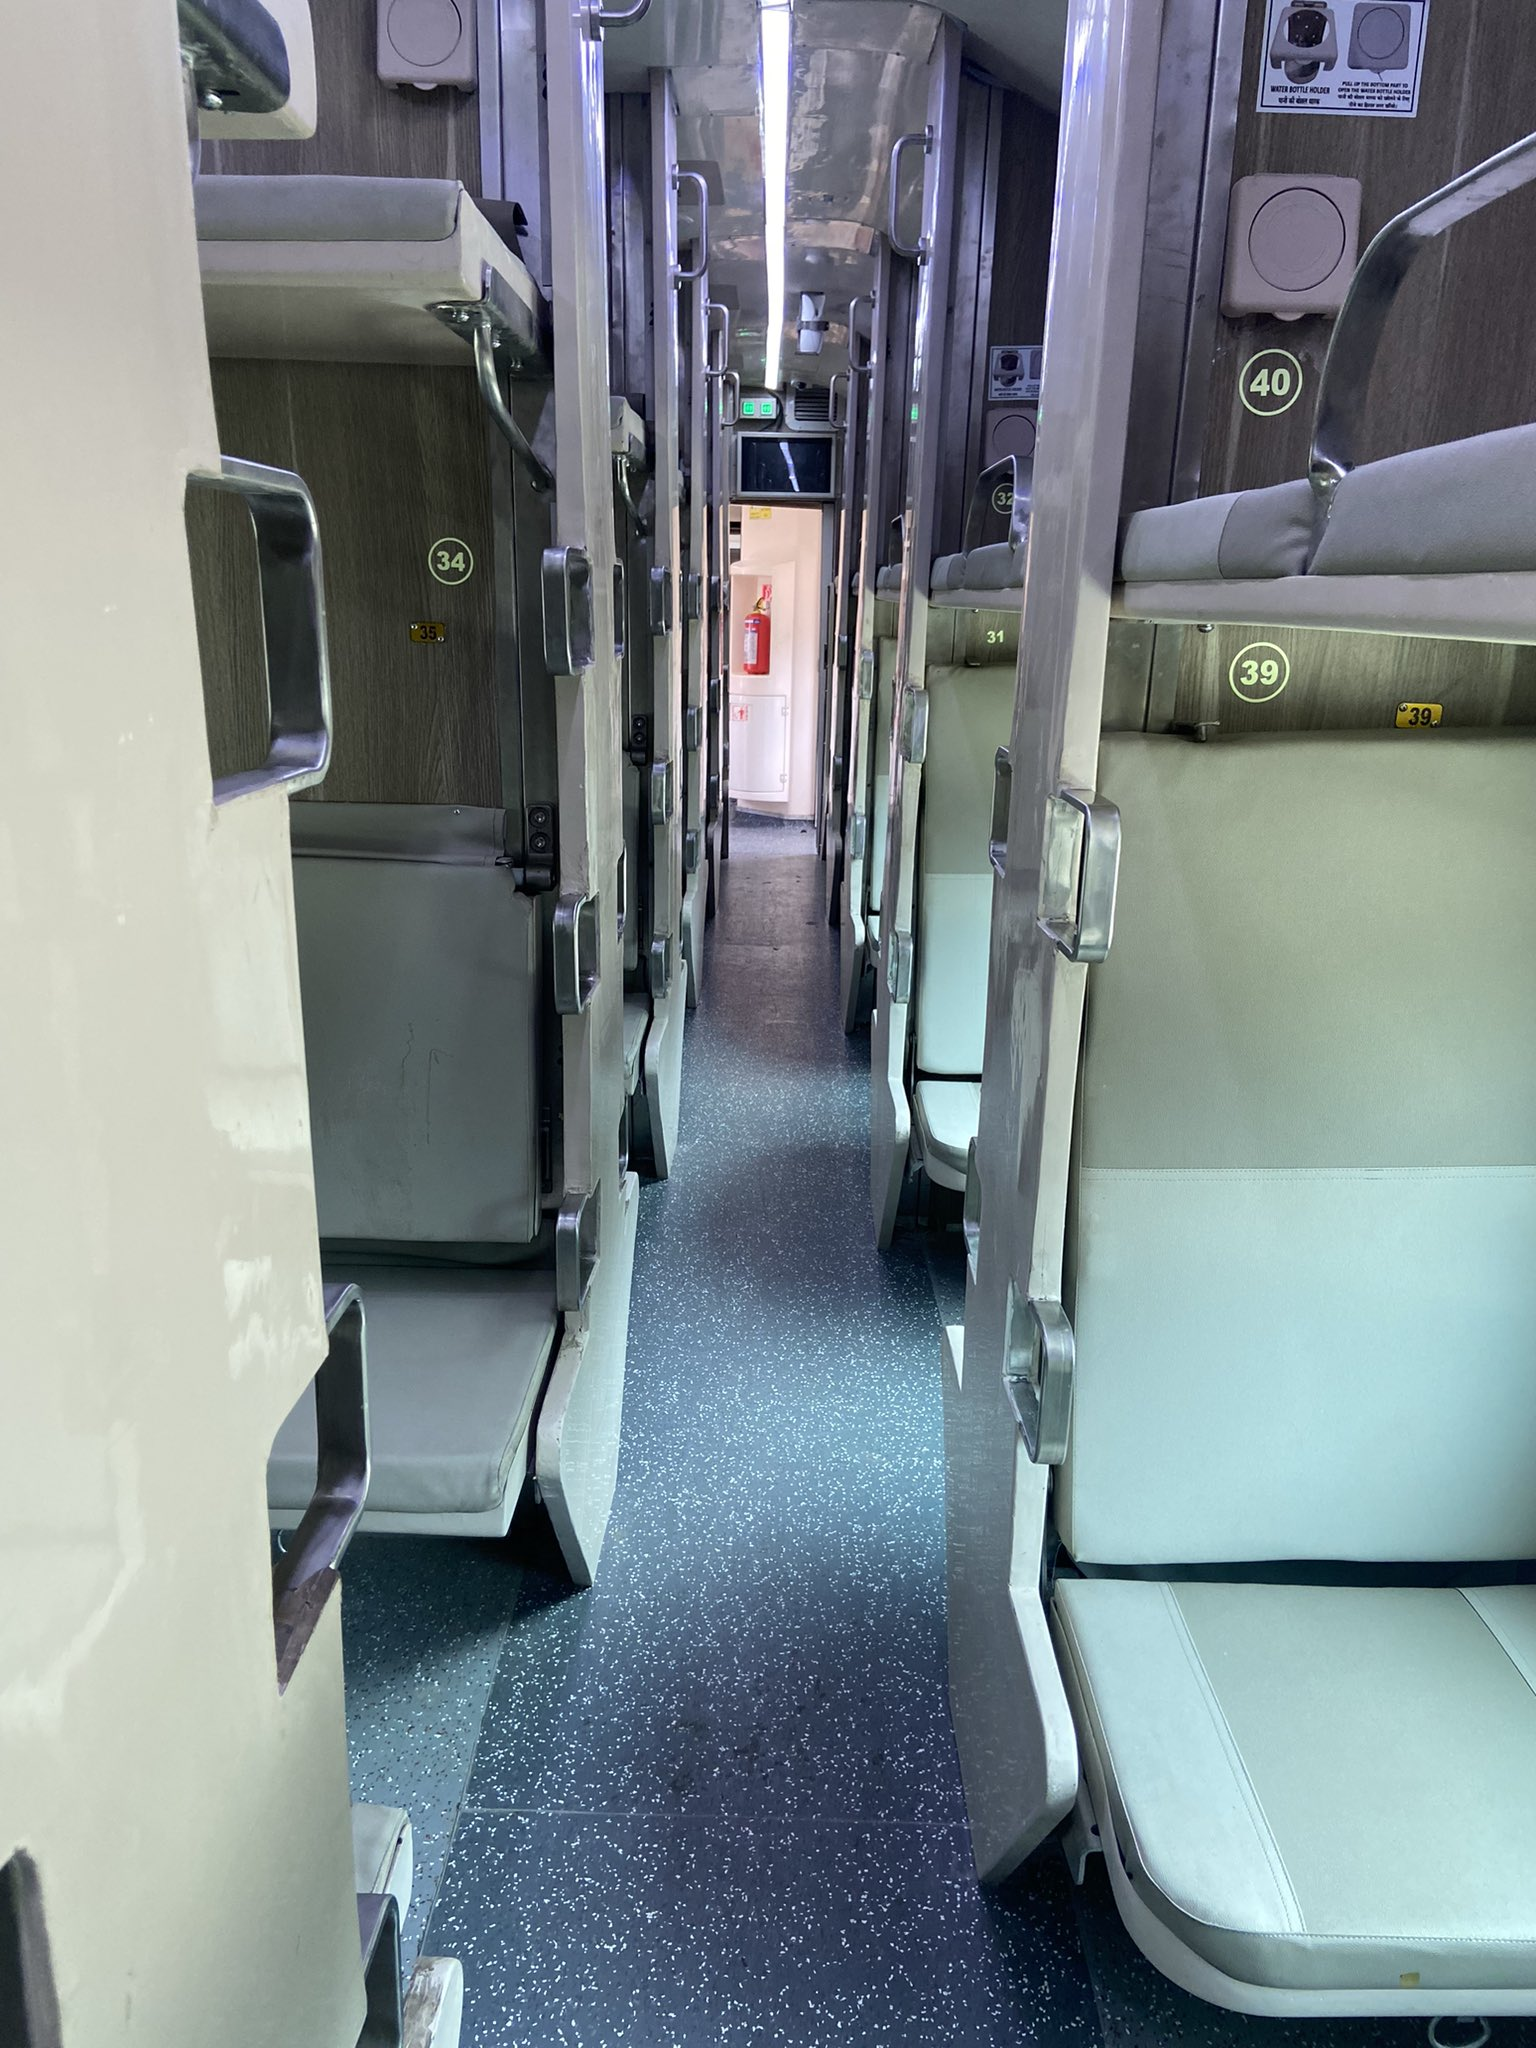 रेलवे के नए 3एसी इकनॉमी कोच ने ट्रेन नंबर 02403 प्रयागराज-जयपुर एक्सप्रेस में आज से अपनी सेवाएं शुरू की